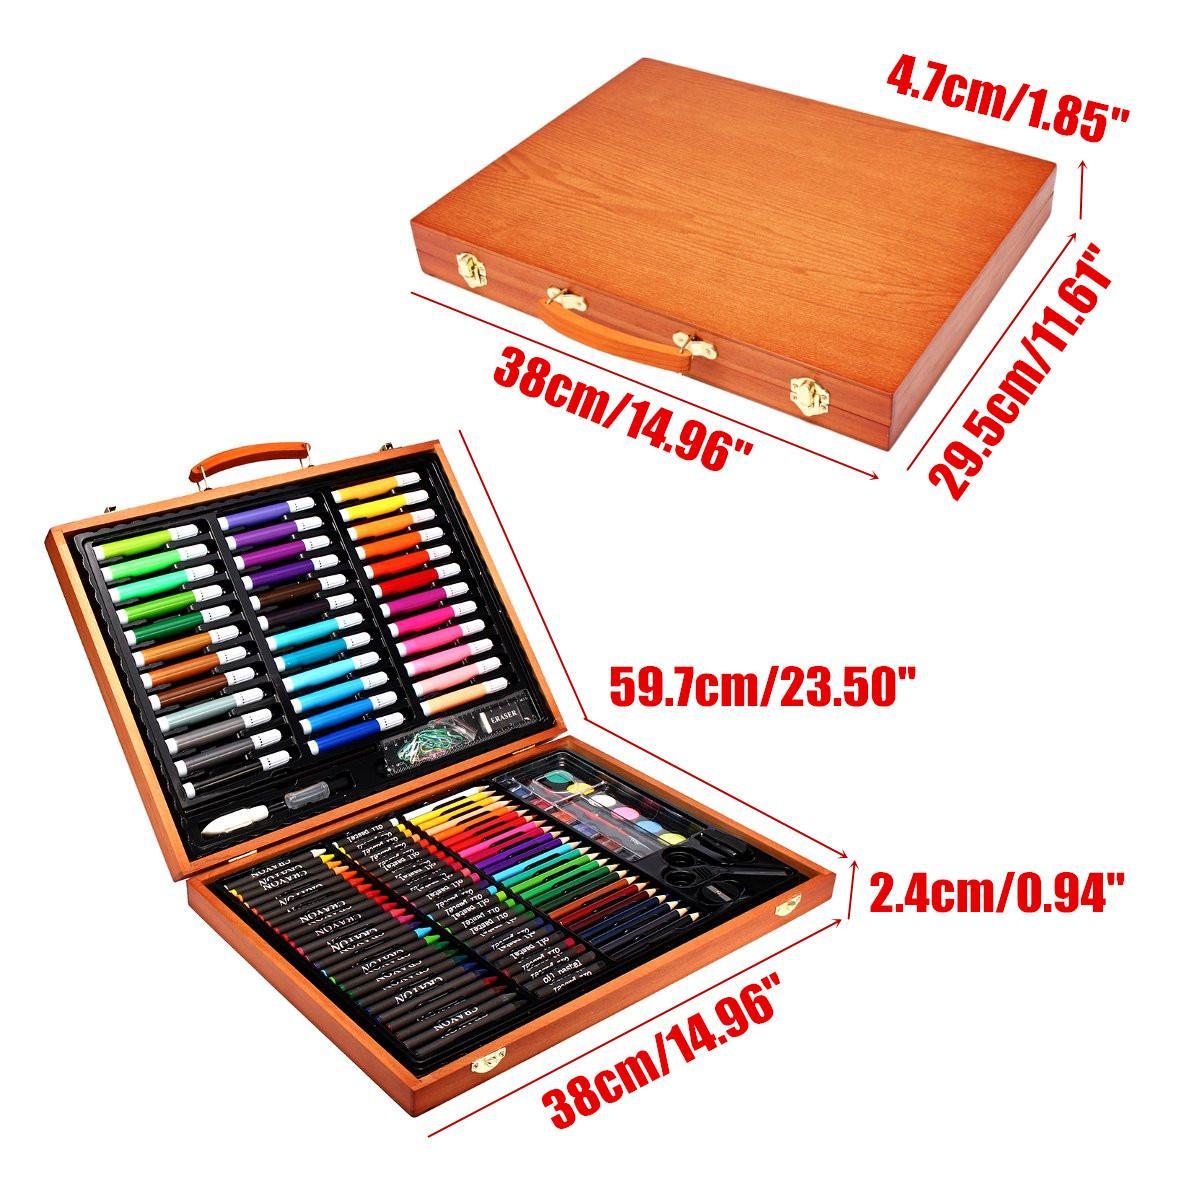 Ensembles de crayons de couleur Art de couleur ensemble de dessin de croquis professionnel peinture à colorier pinceau Kit d'artiste avec boîte en bois cadeau 148 pièces